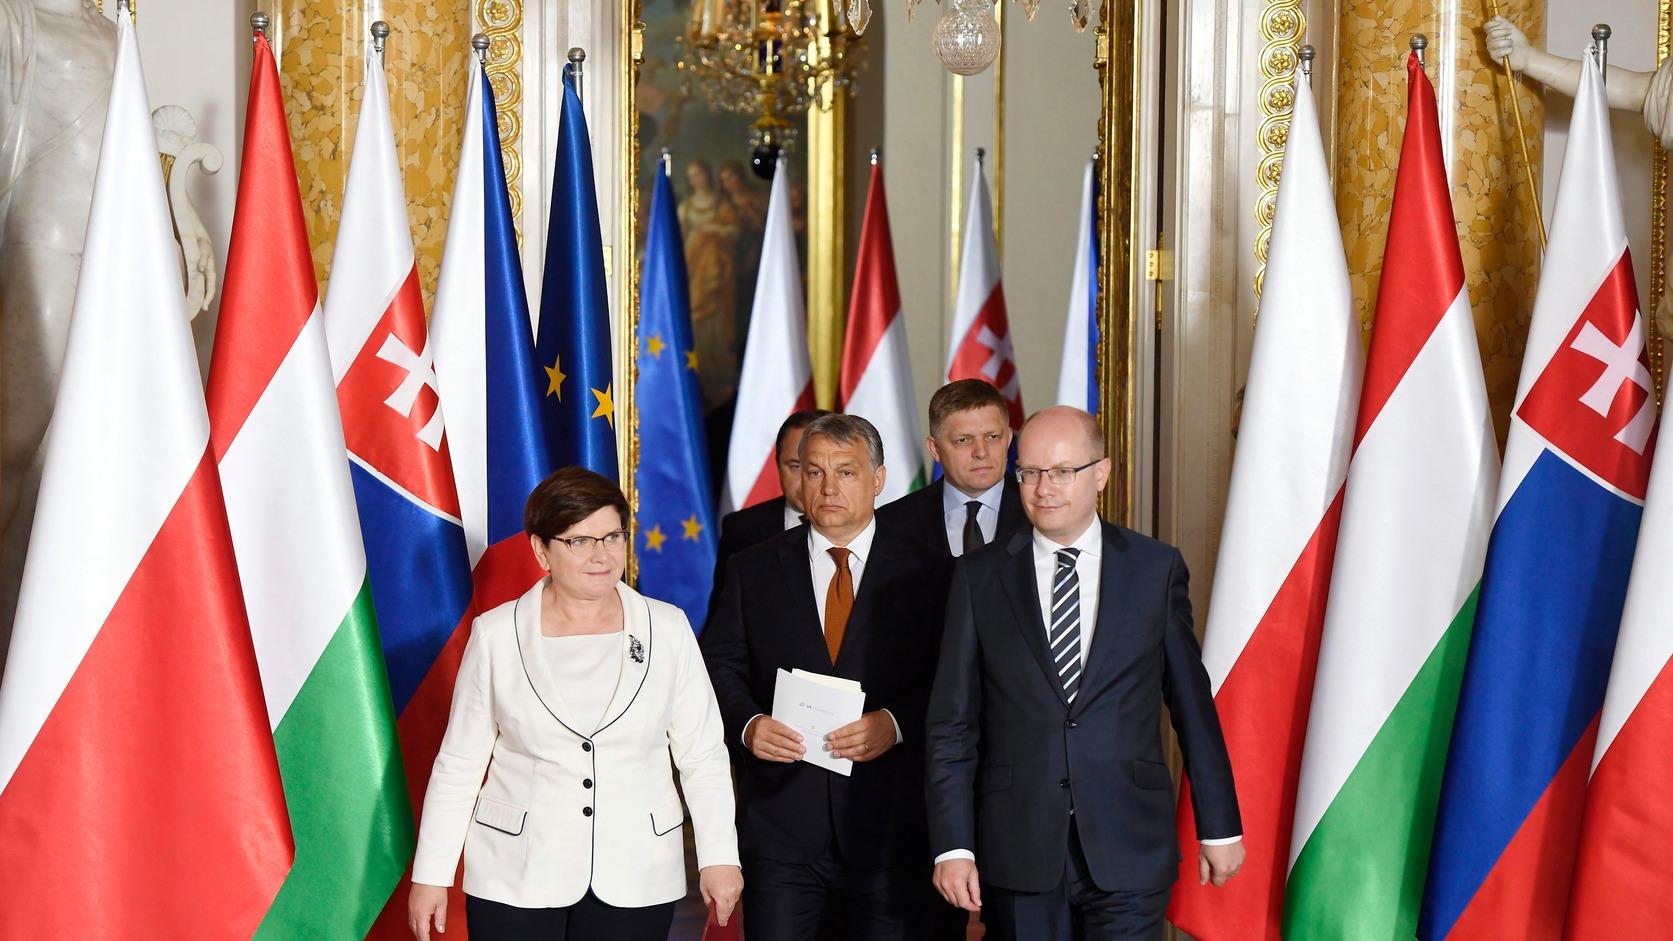 Varsó, 2017. június 19. Beata Szydlo lengyel, Orbán Viktor magyar, Robert Fico szlovák és Bohuslav Sobotka cseh miniszterelnök (b4) a visegrádi országok kormányfőinek megbeszélése után Varsóban 2017. június 19-én. MTI Fotó: Koszticsák Szilárd